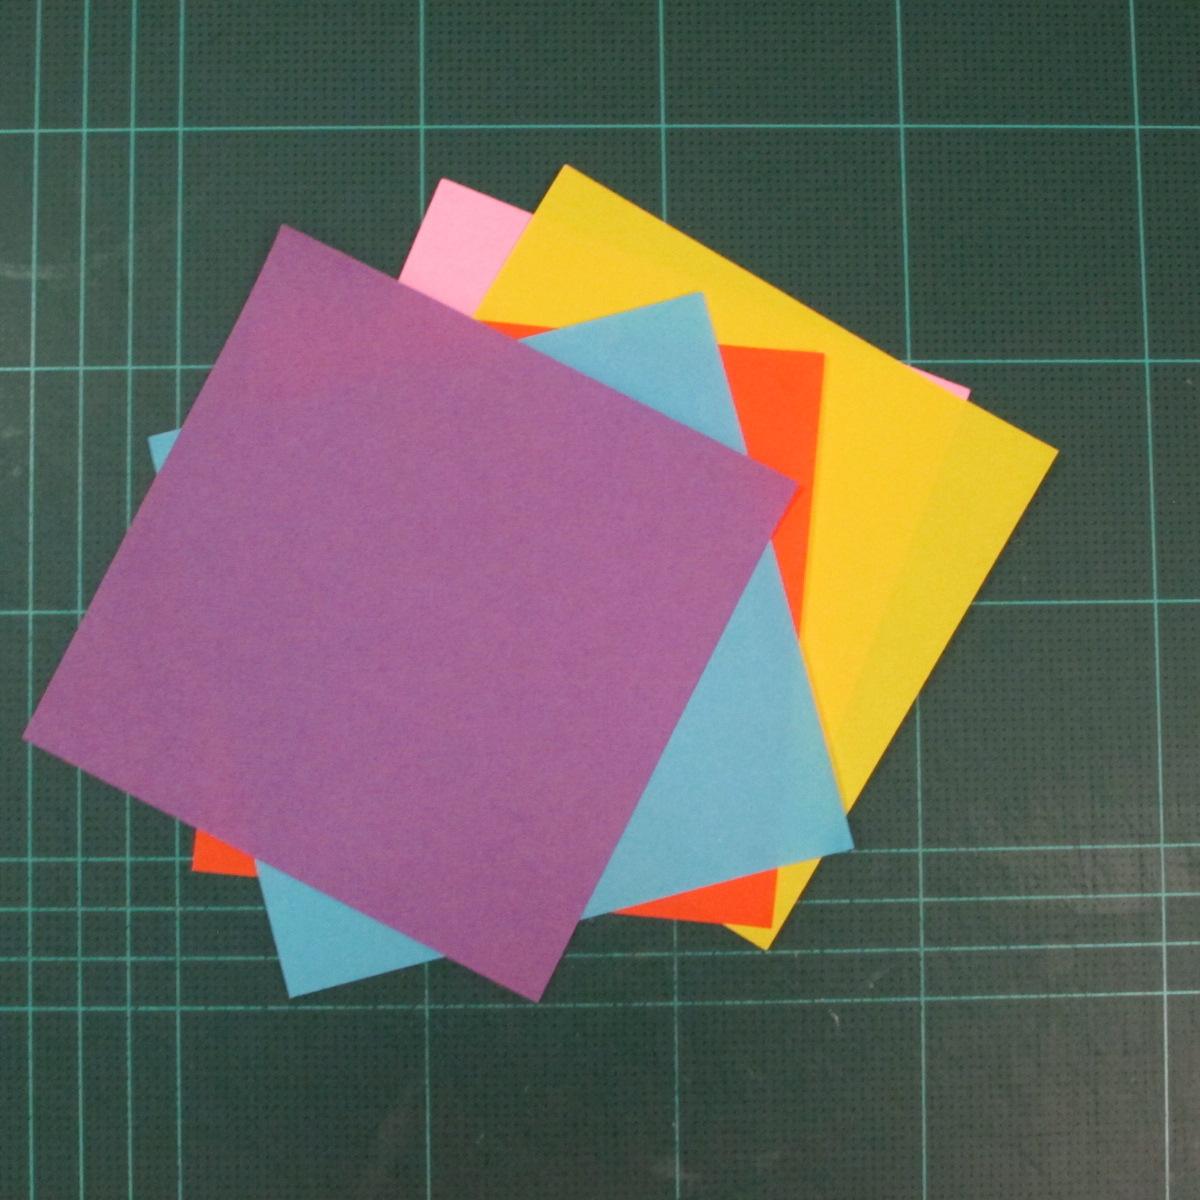 วิธีพับกระดาษเป็นถาดใส่ขนมรูปดาวแปดแฉก (Origami Eight Point Star Candy Tray) 001